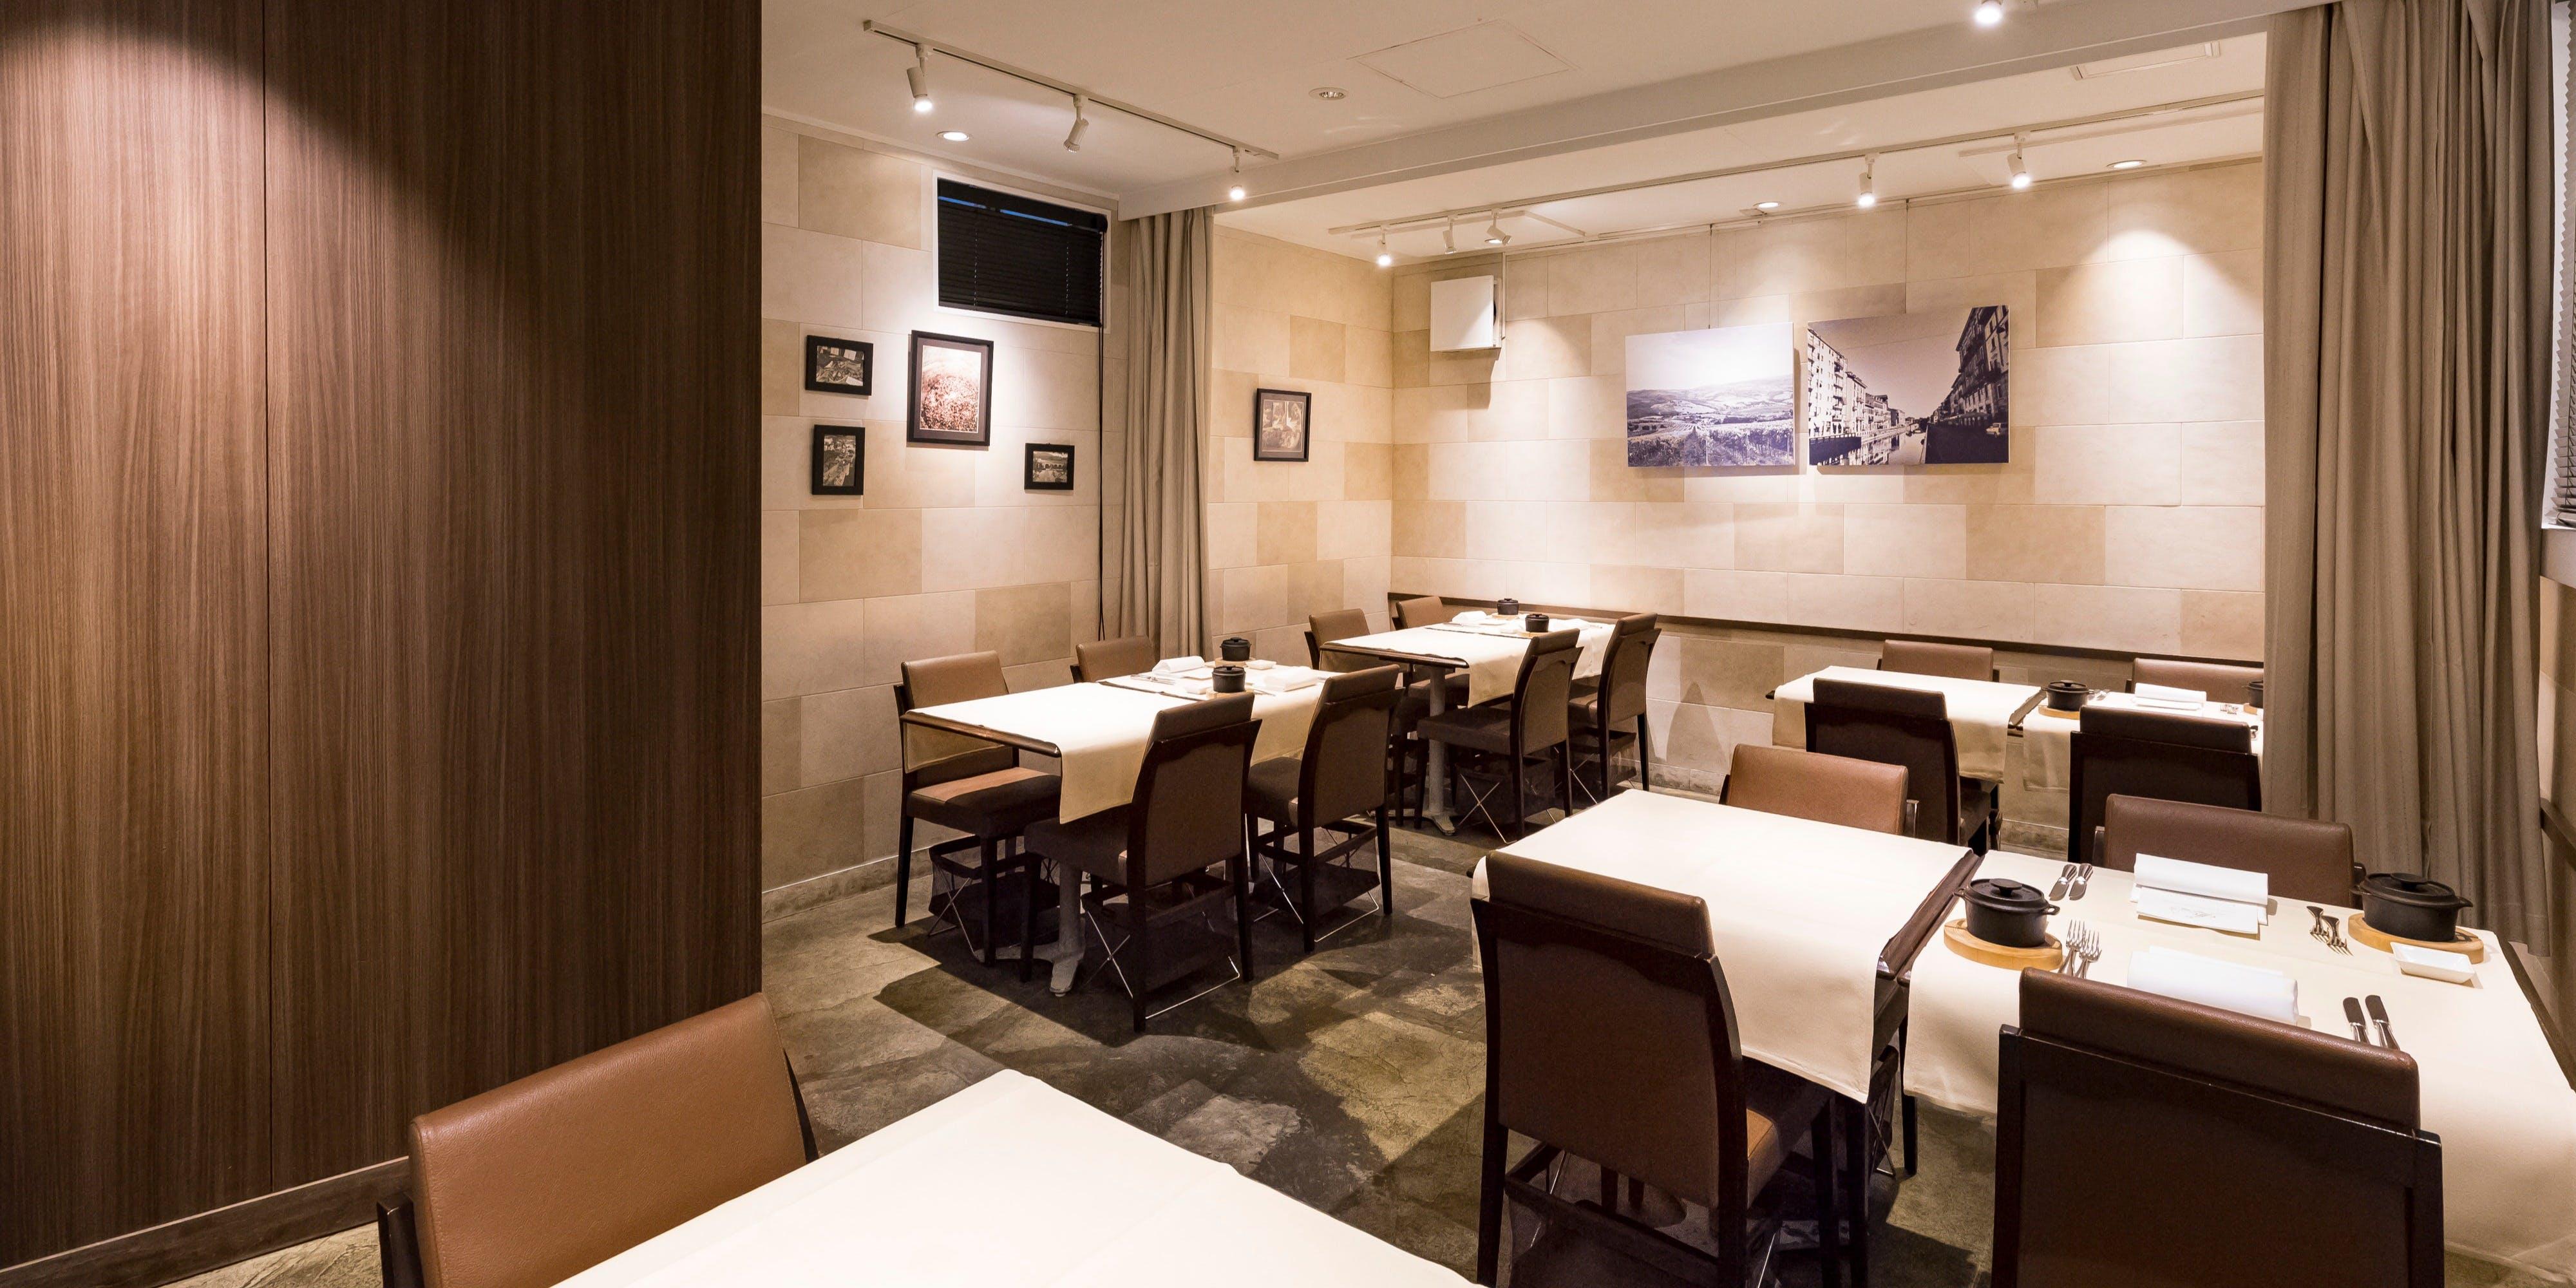 記念日におすすめのレストラン・テラットリア エッフェの写真1